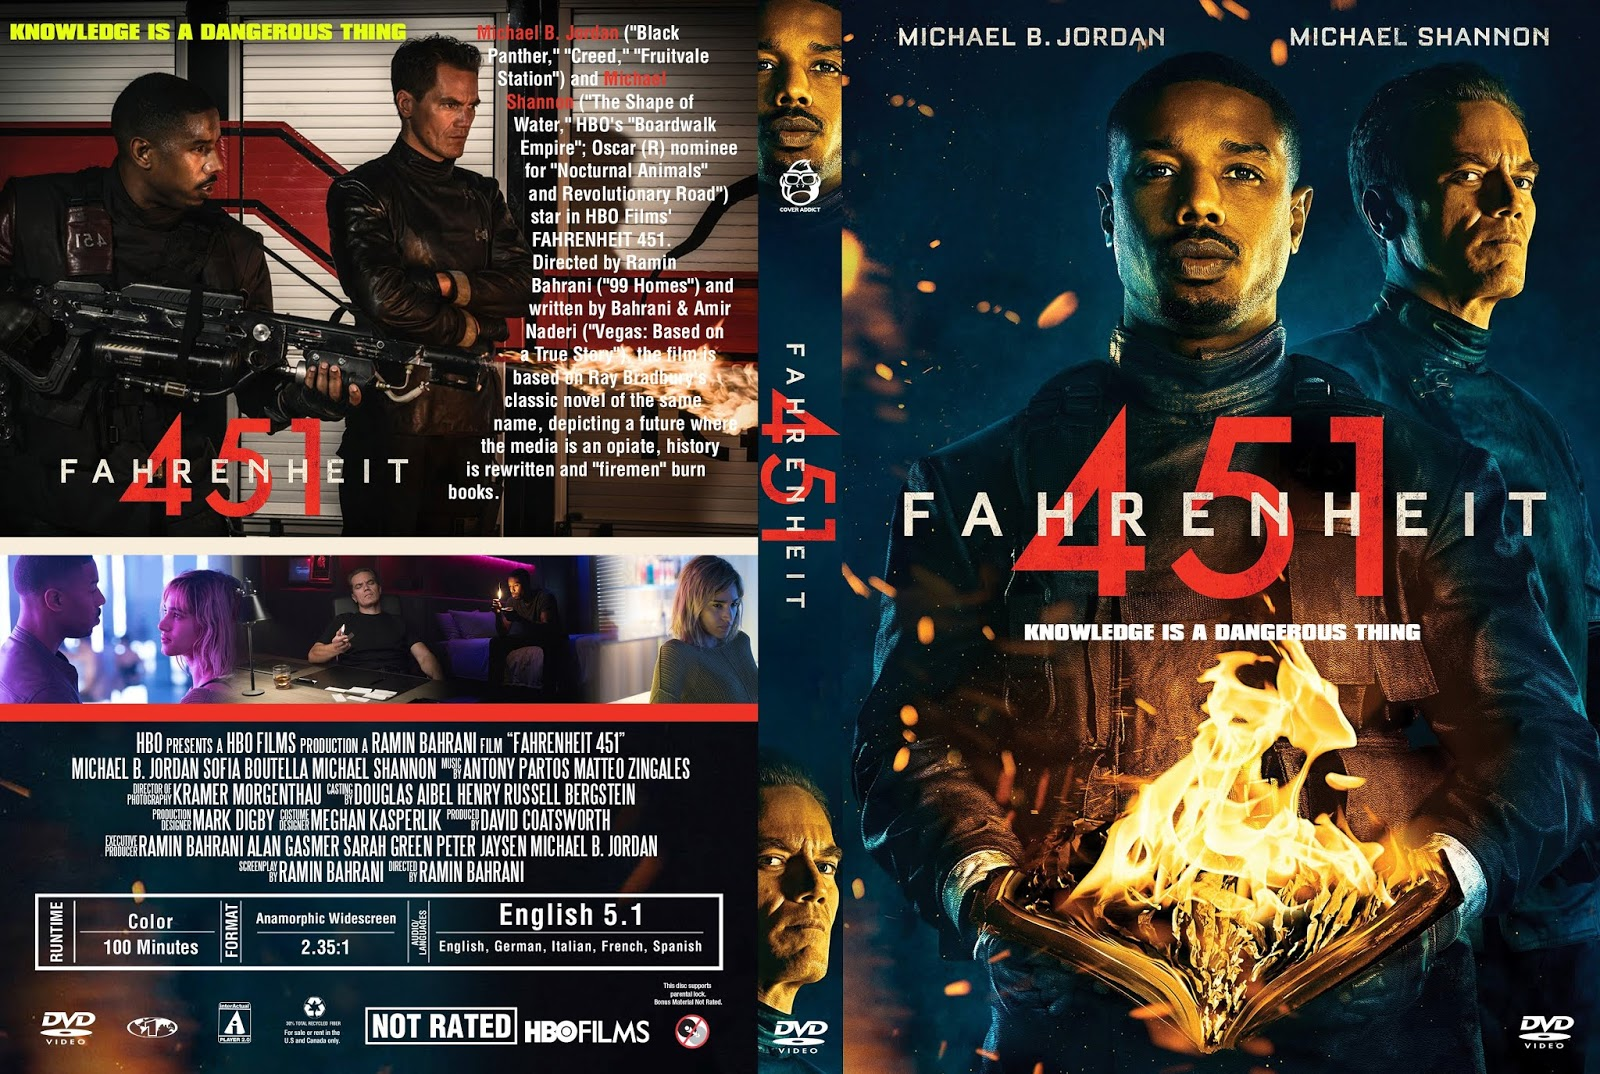 Fahrenheit 451 Film 2019